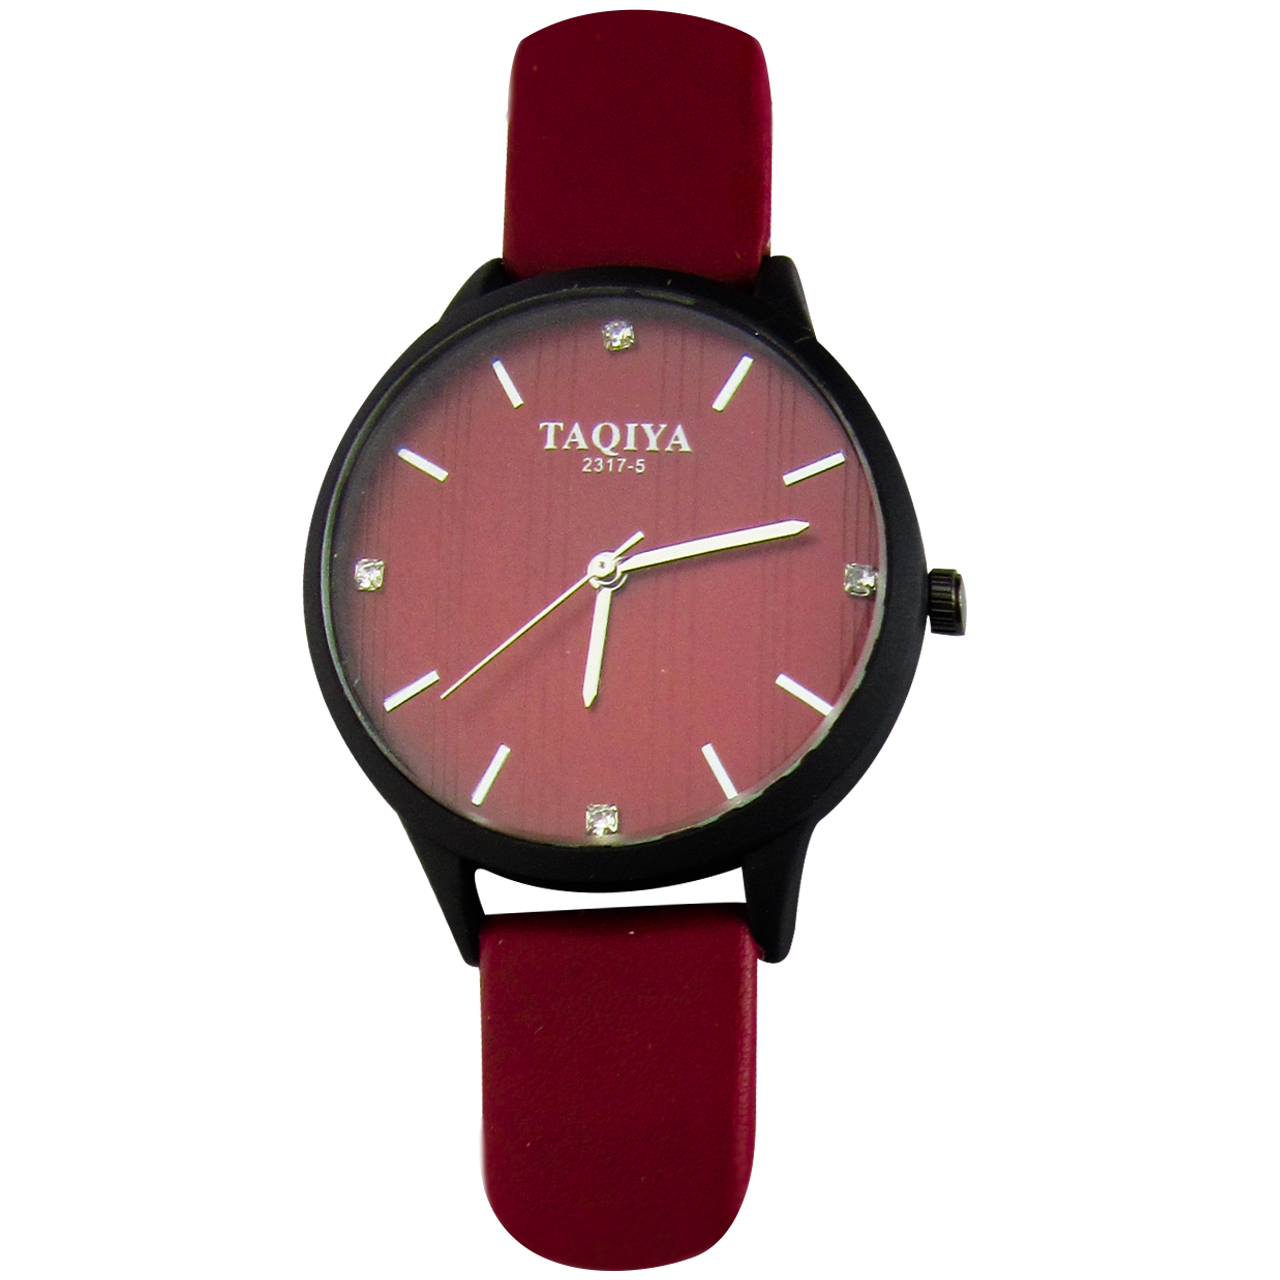 ساعت مچی عقربه ای مردانه تاکیا مدل 3-2317-5